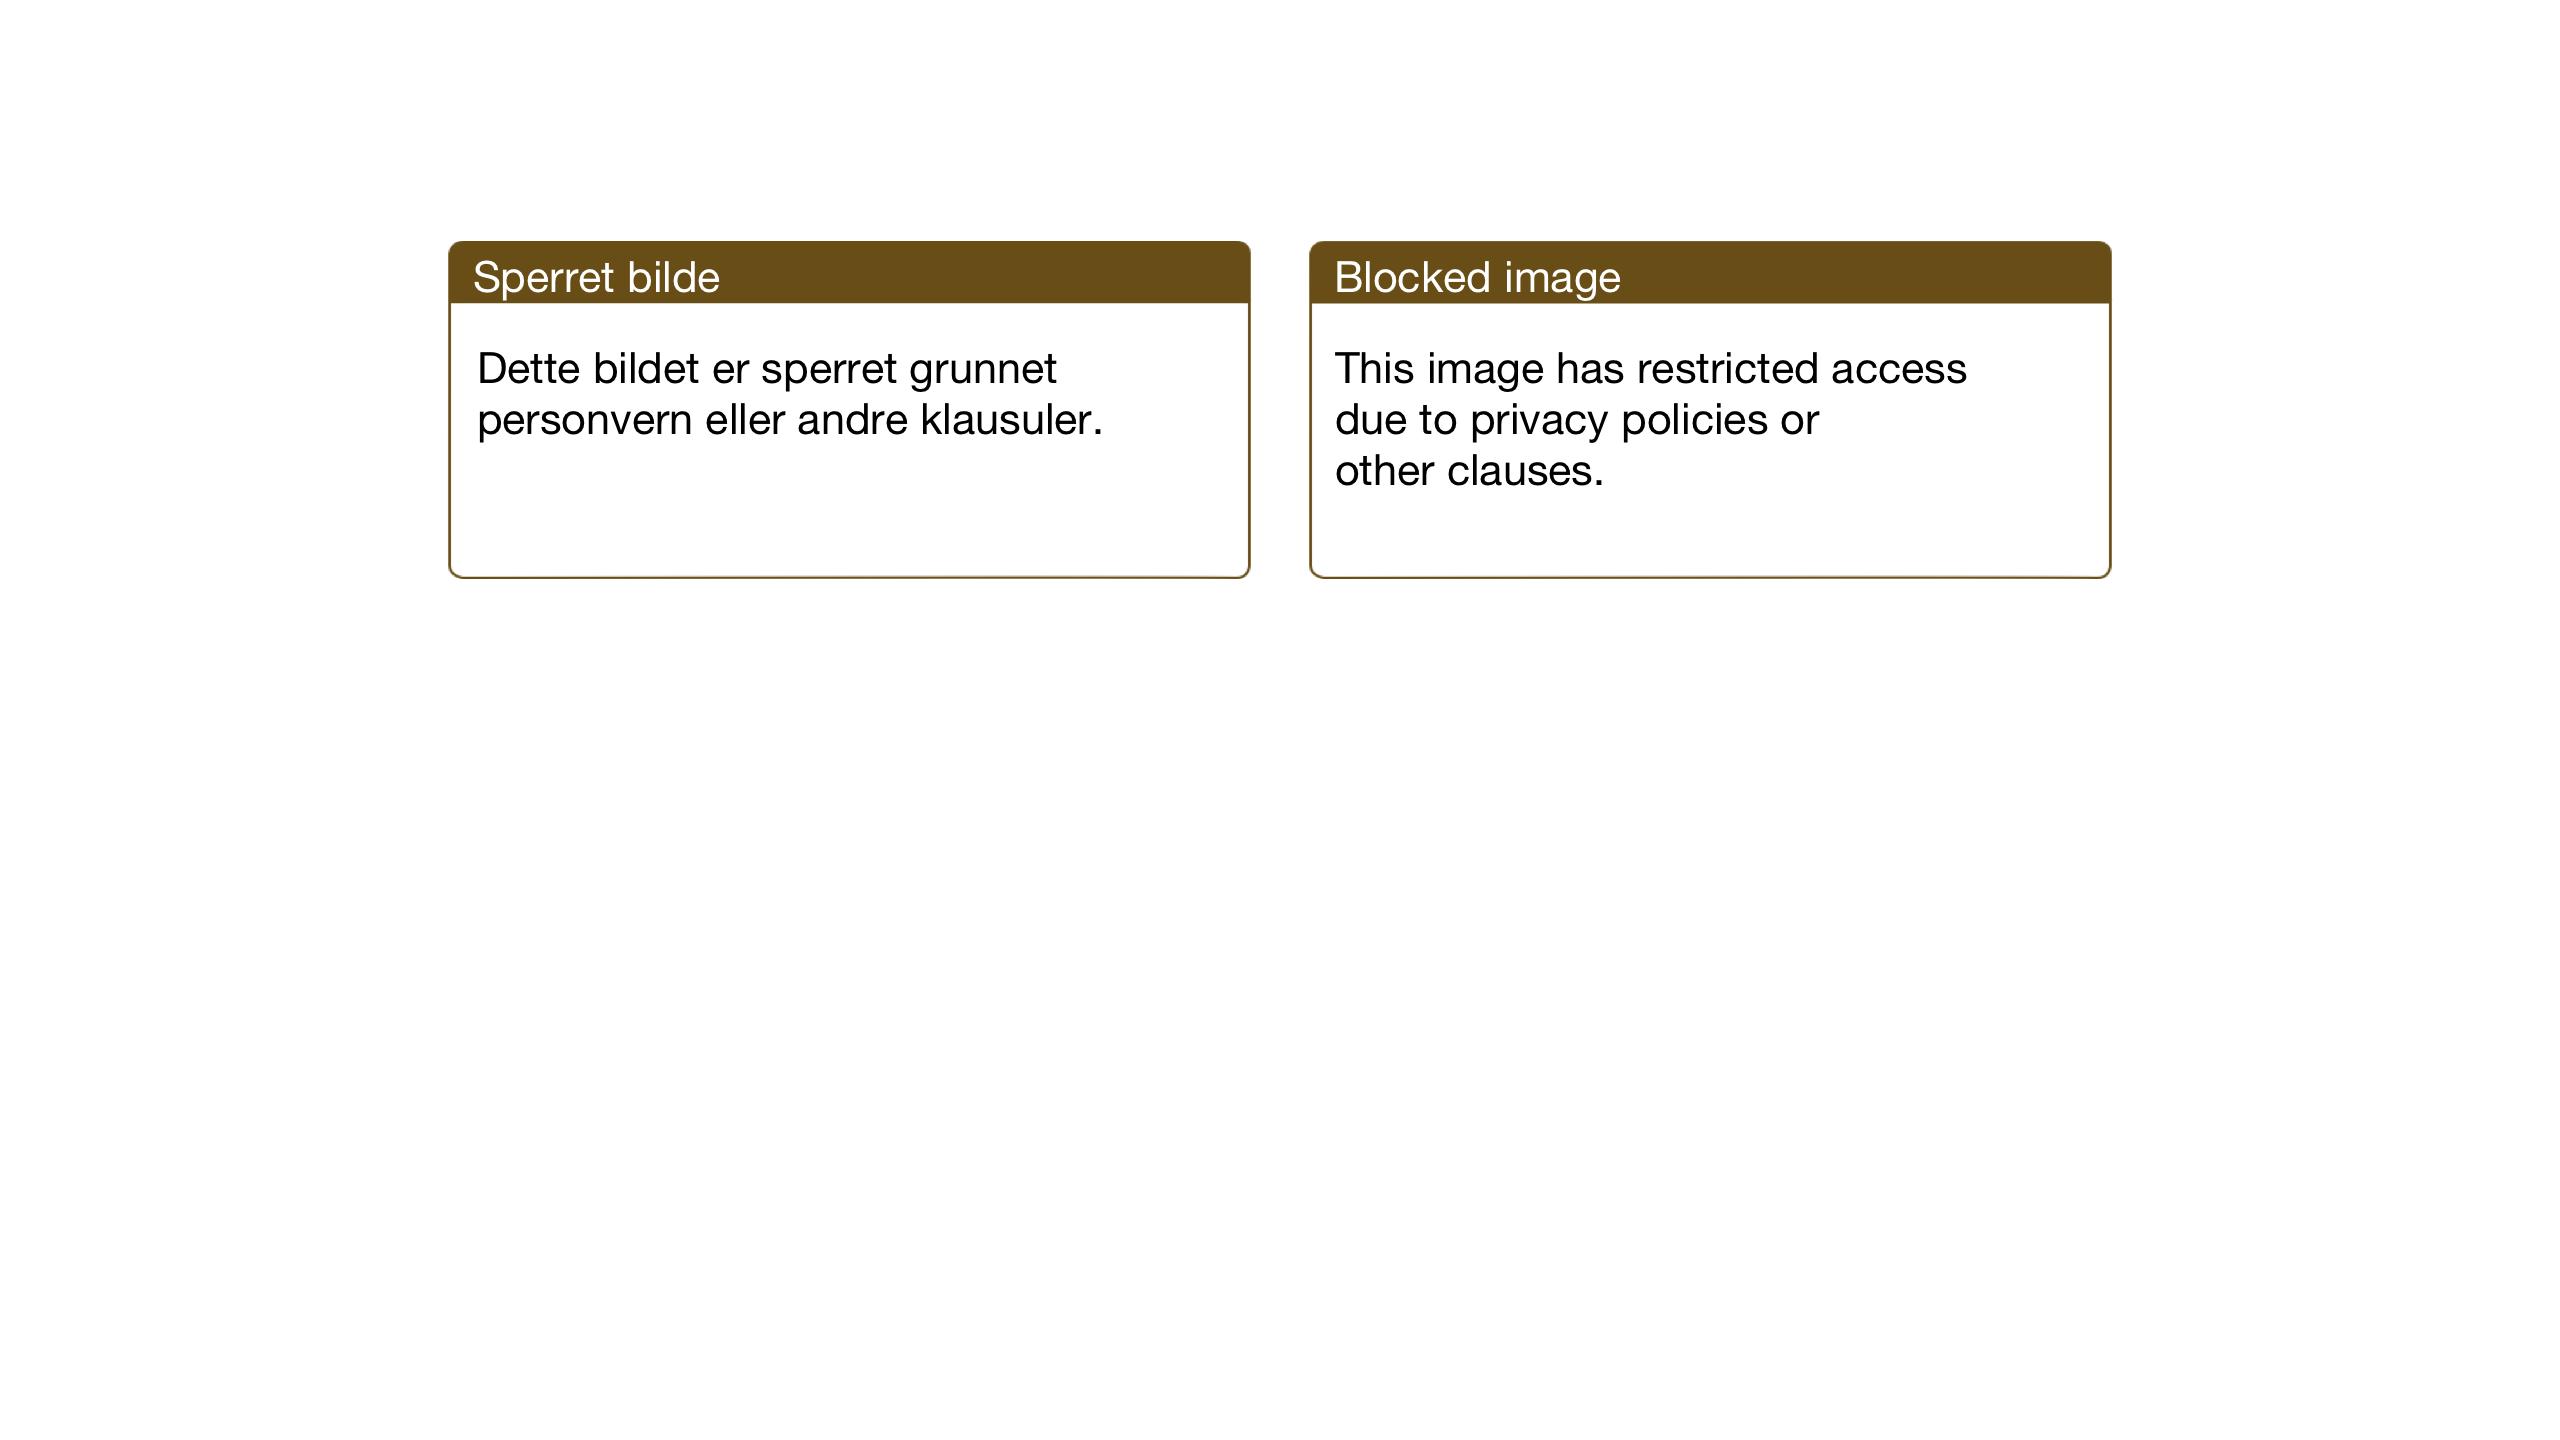 SAT, Ministerialprotokoller, klokkerbøker og fødselsregistre - Sør-Trøndelag, 655/L0690: Klokkerbok nr. 655C06, 1937-1950, s. 65